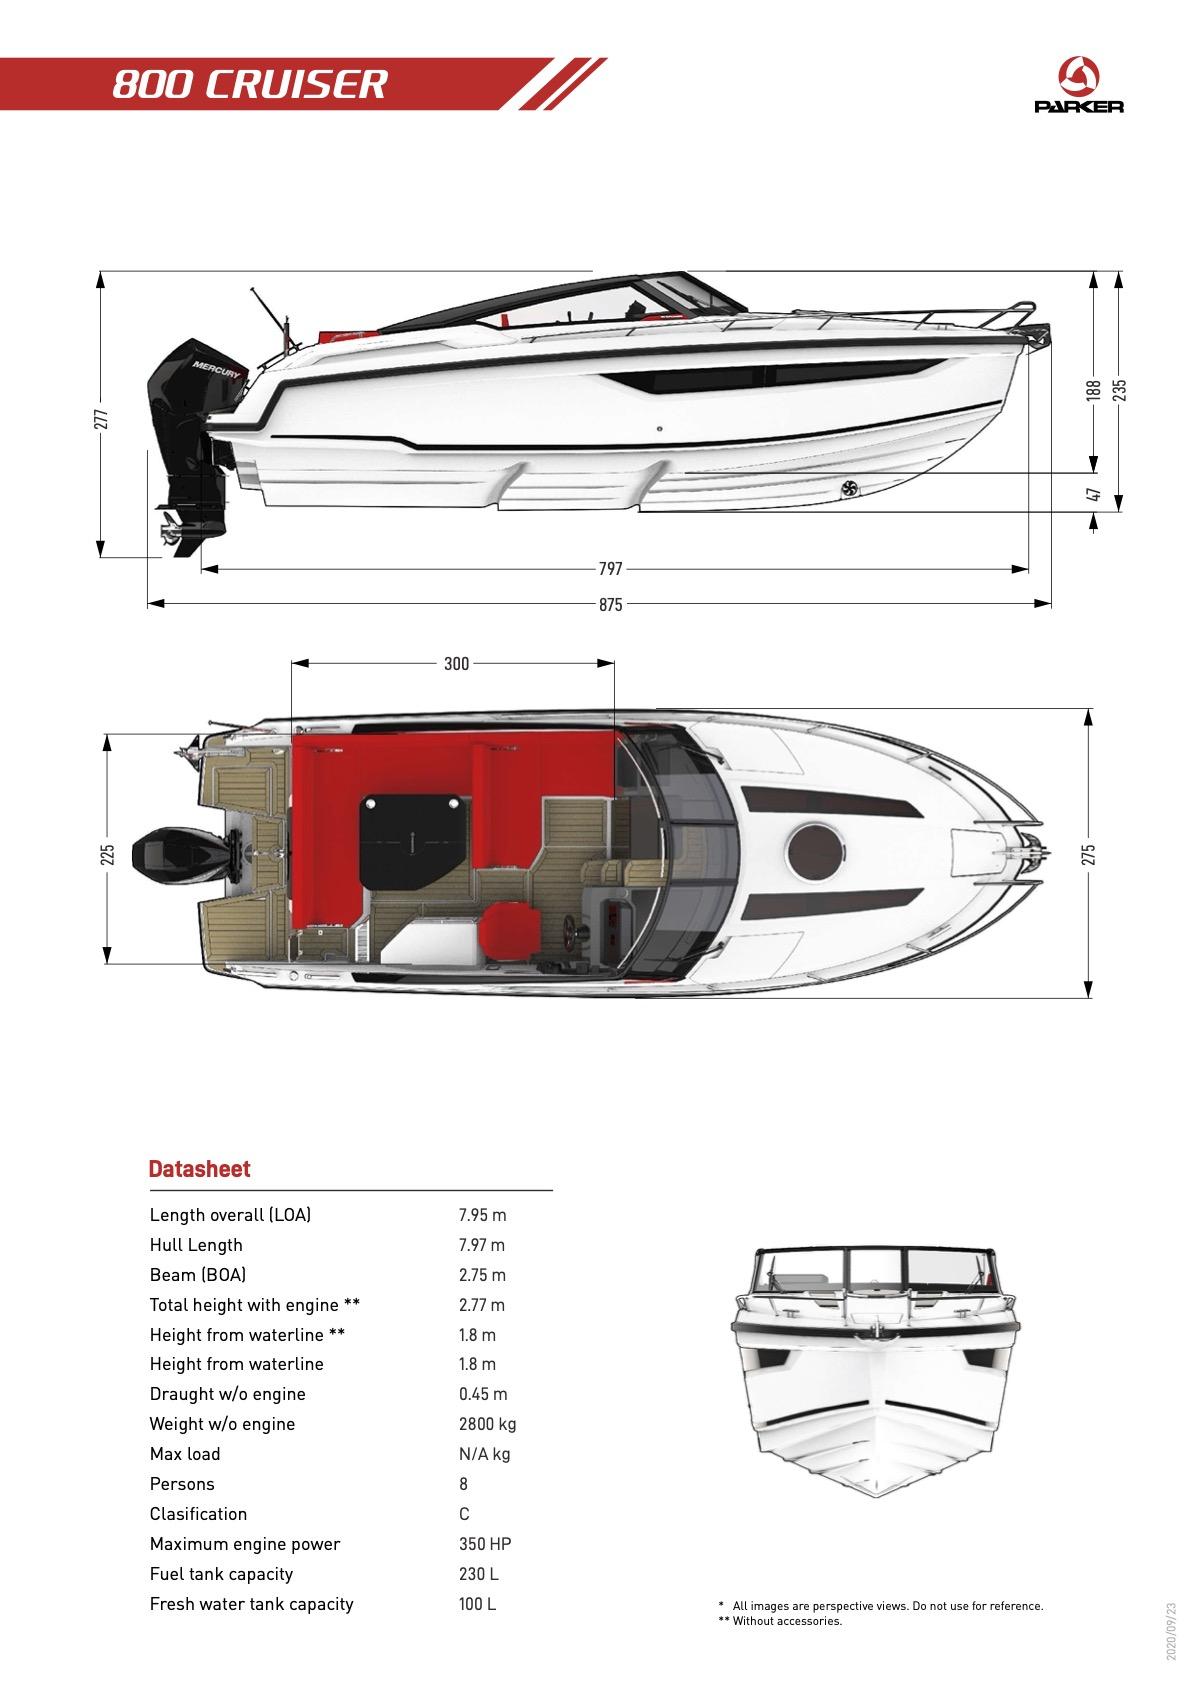 Parker 800 Cruiser plan de pont exterieur